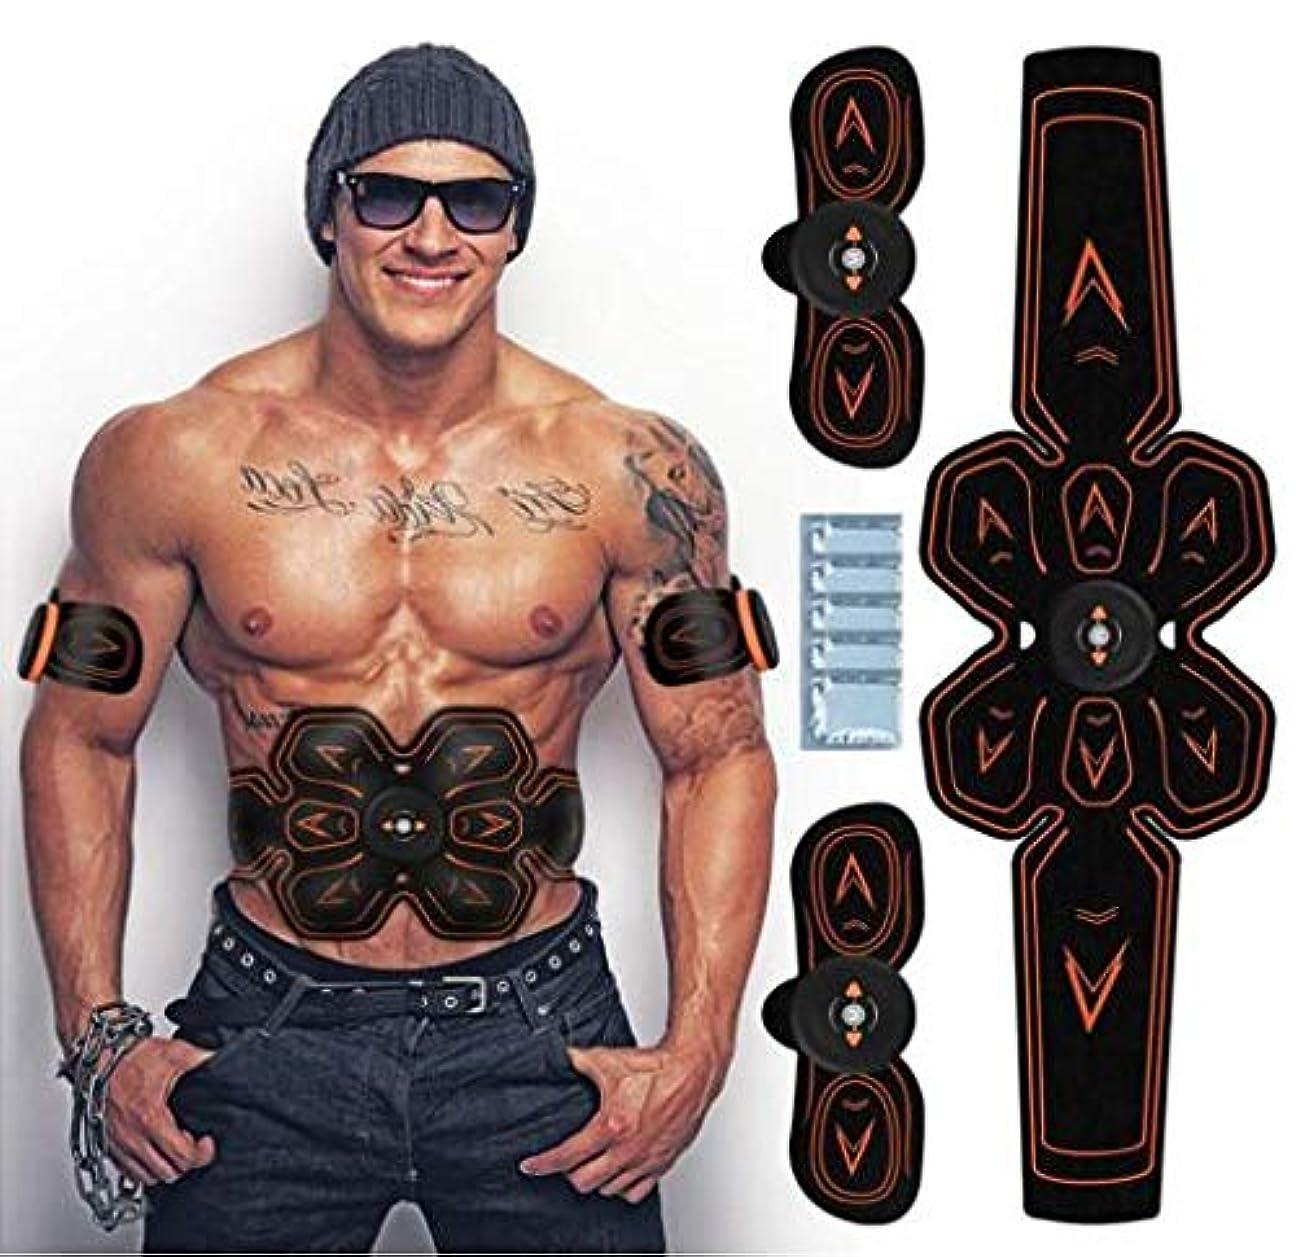 一貫性のないガムブランド名腹筋ベルト EMS ウエストベルト 筋トレ ダイエット器具 腹筋トレーニング 腹筋パッド 腕筋 多部位 6モード 10ランク強度 USB充電